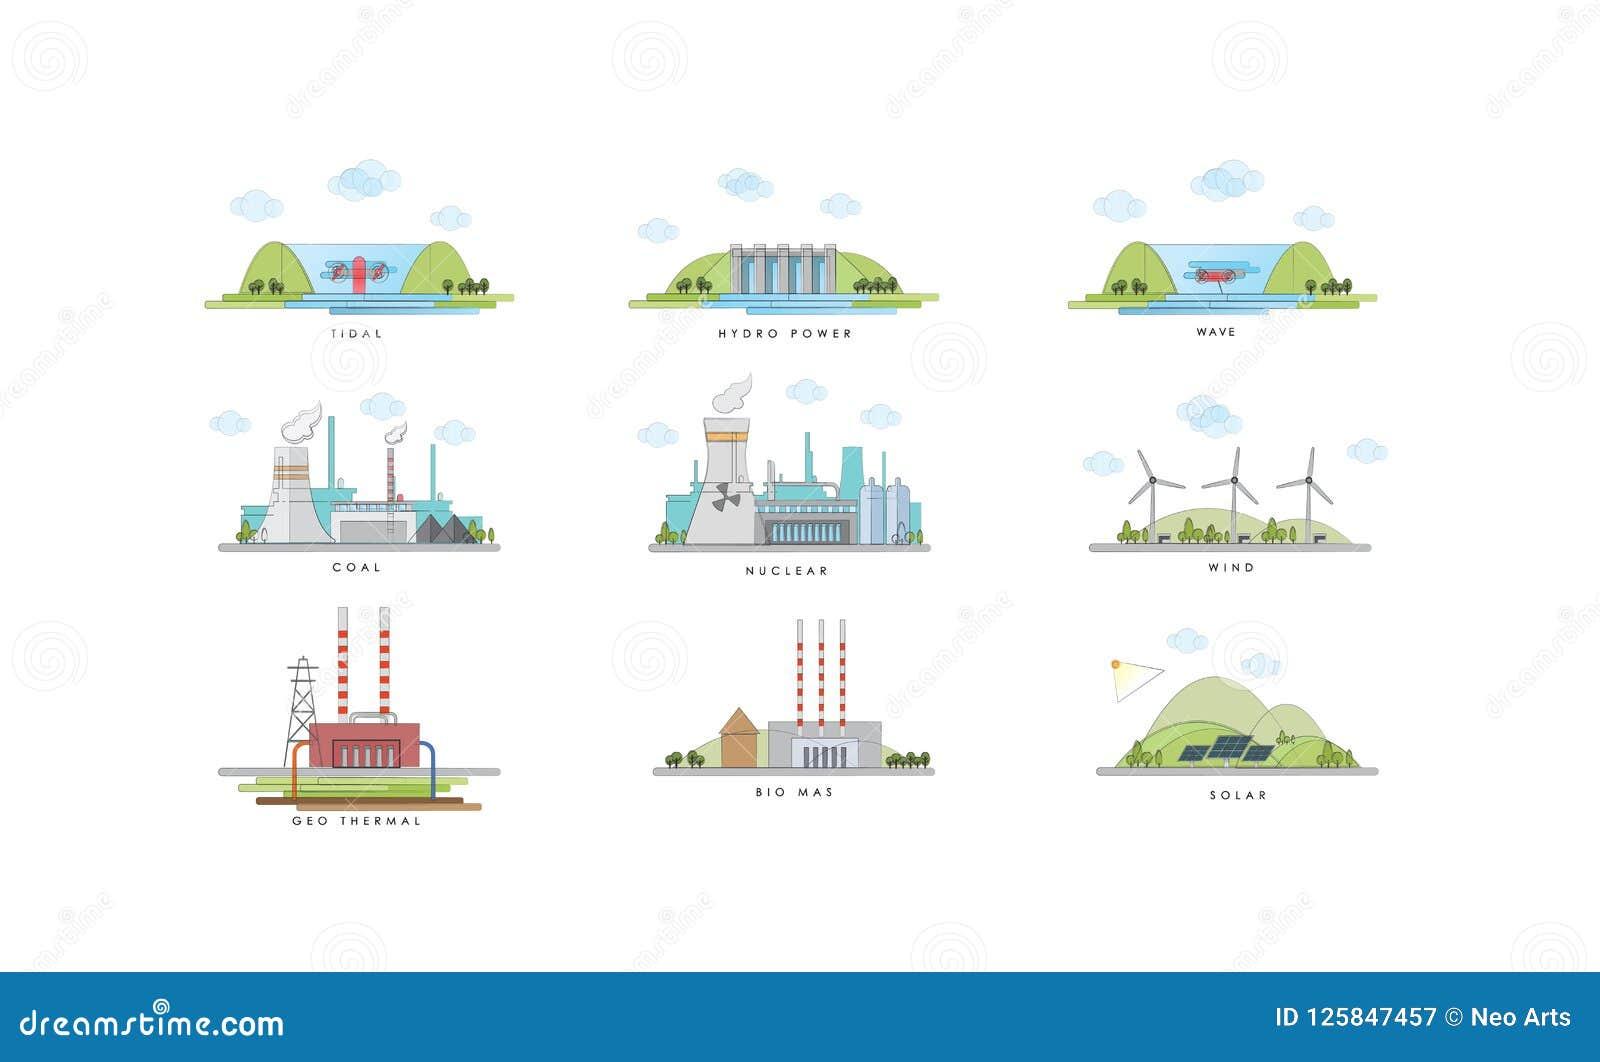 Illustration des elektrischen Kraftwerks